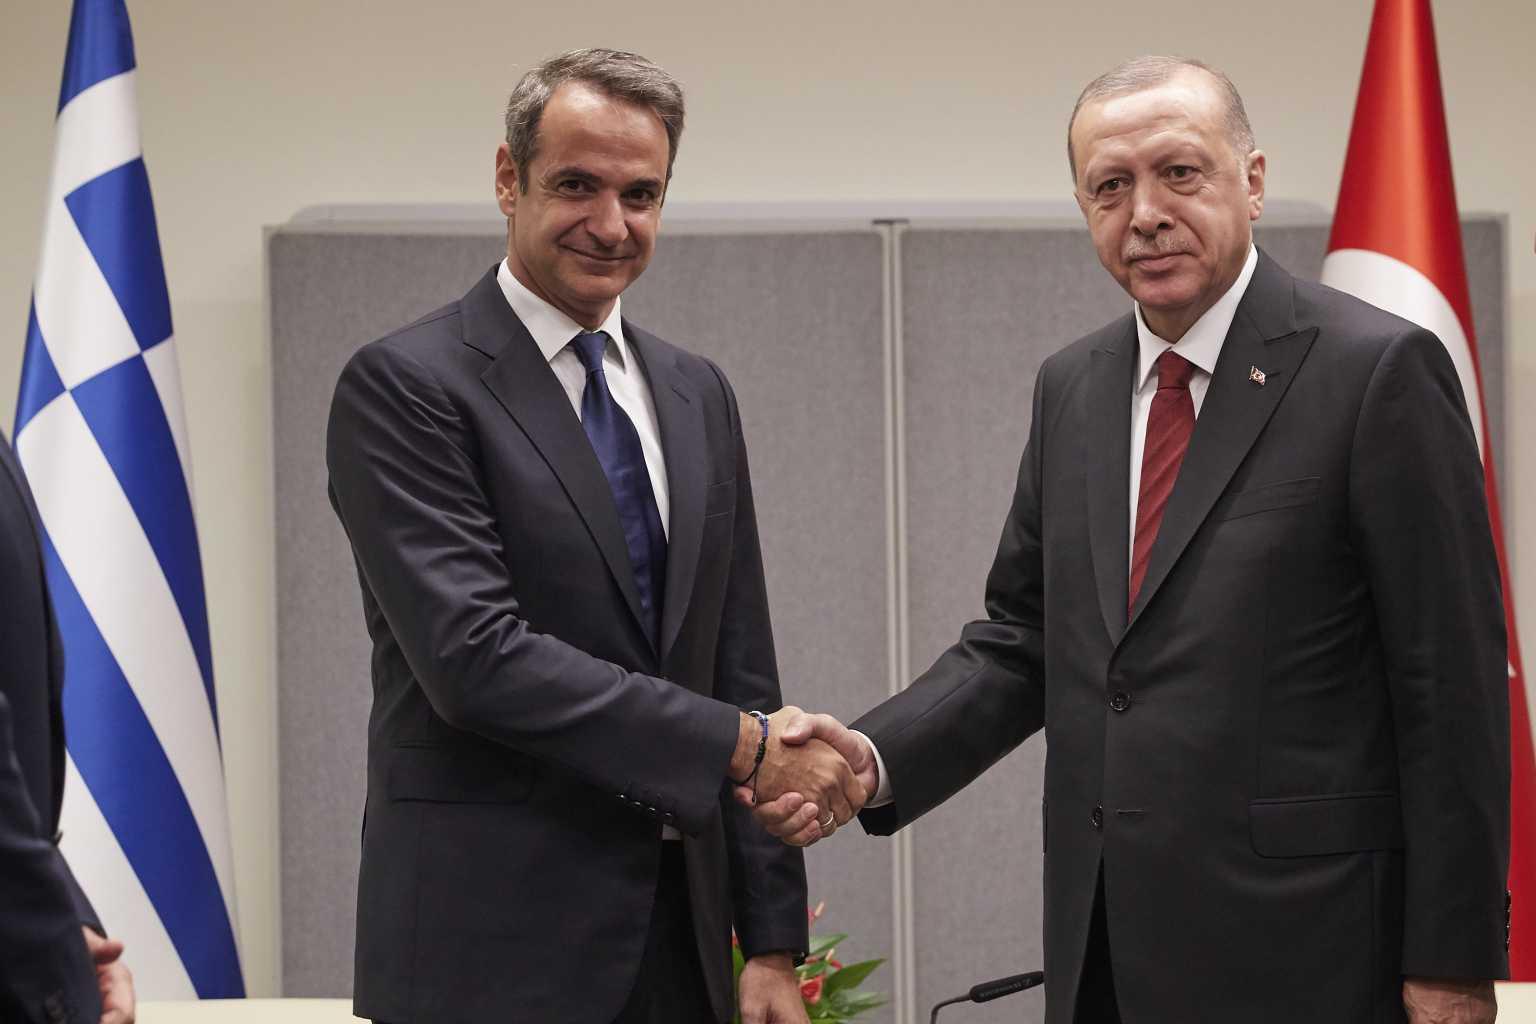 Μητσοτάκης – Ερντογάν: Και τώρα οι δυο τους